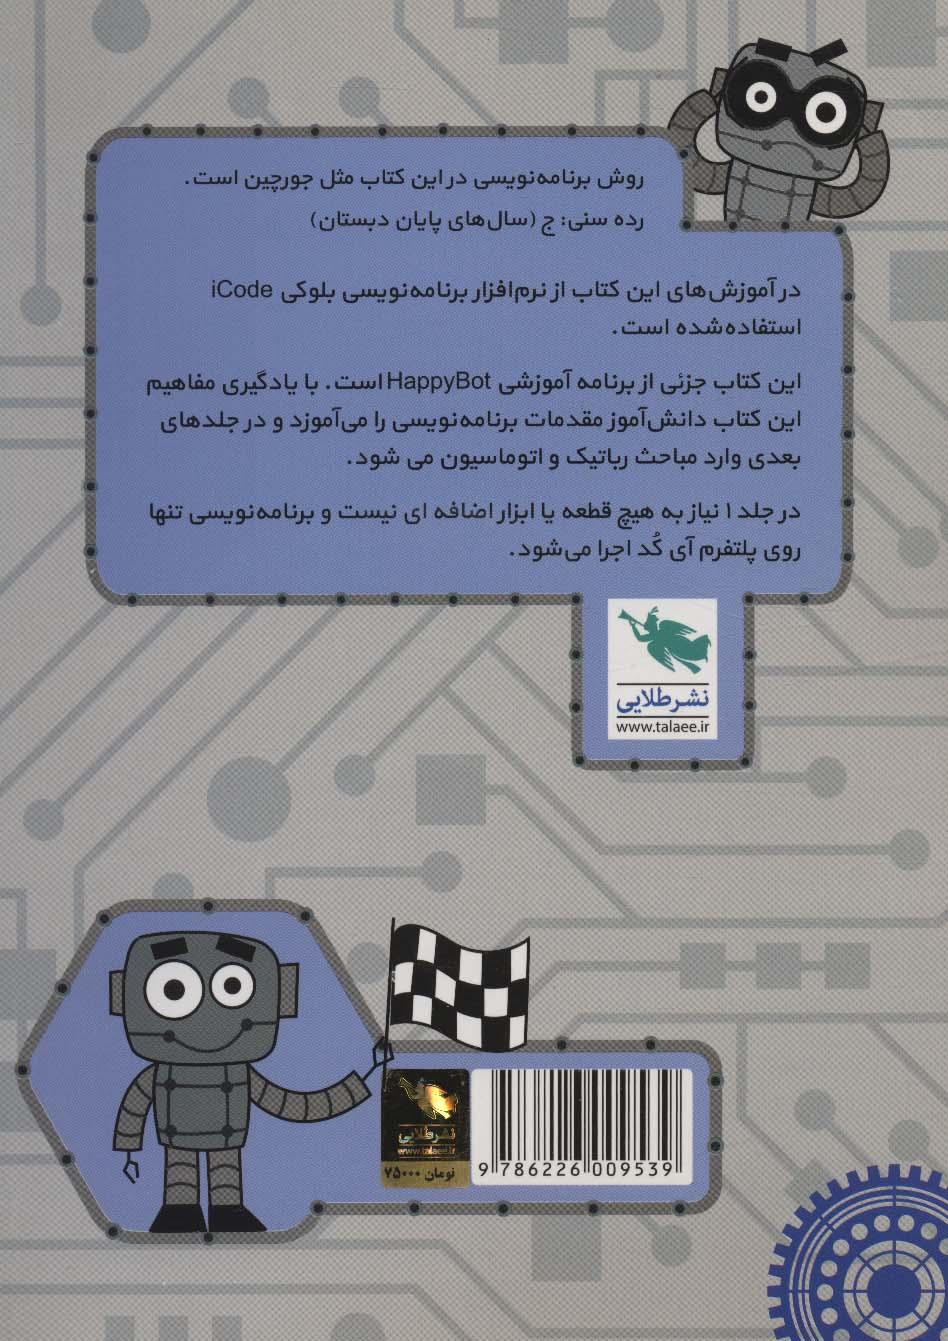 برنامه نویس 1 دقیقه ای (سفر به دنیای کدها و ربات ها)،همراه با سی دی سخت افزار آی کد (ICODE)